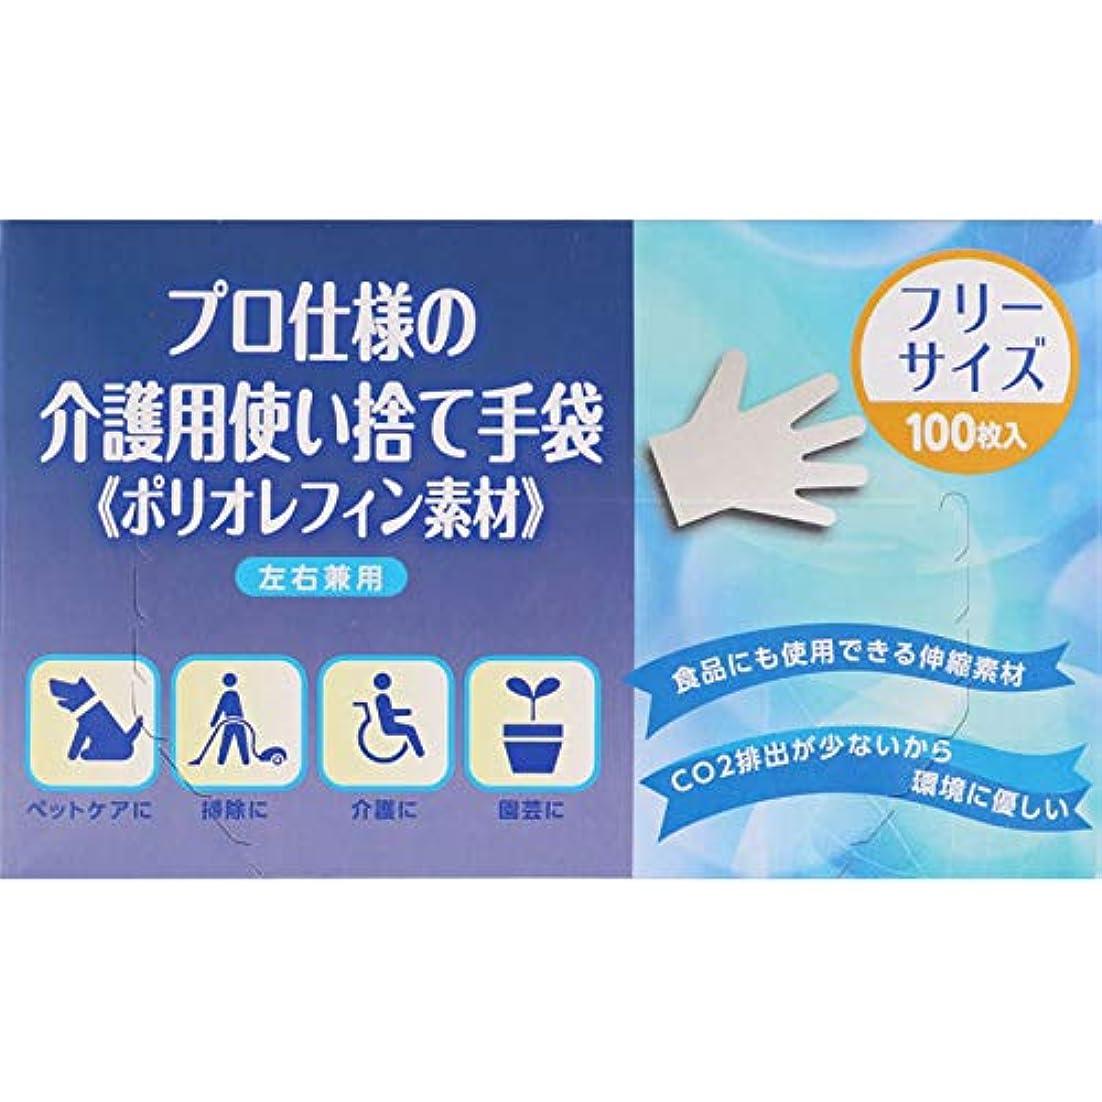 【10個セット】プロ仕様の介護用使い捨て手袋《ポリオレフィン素材》 100枚